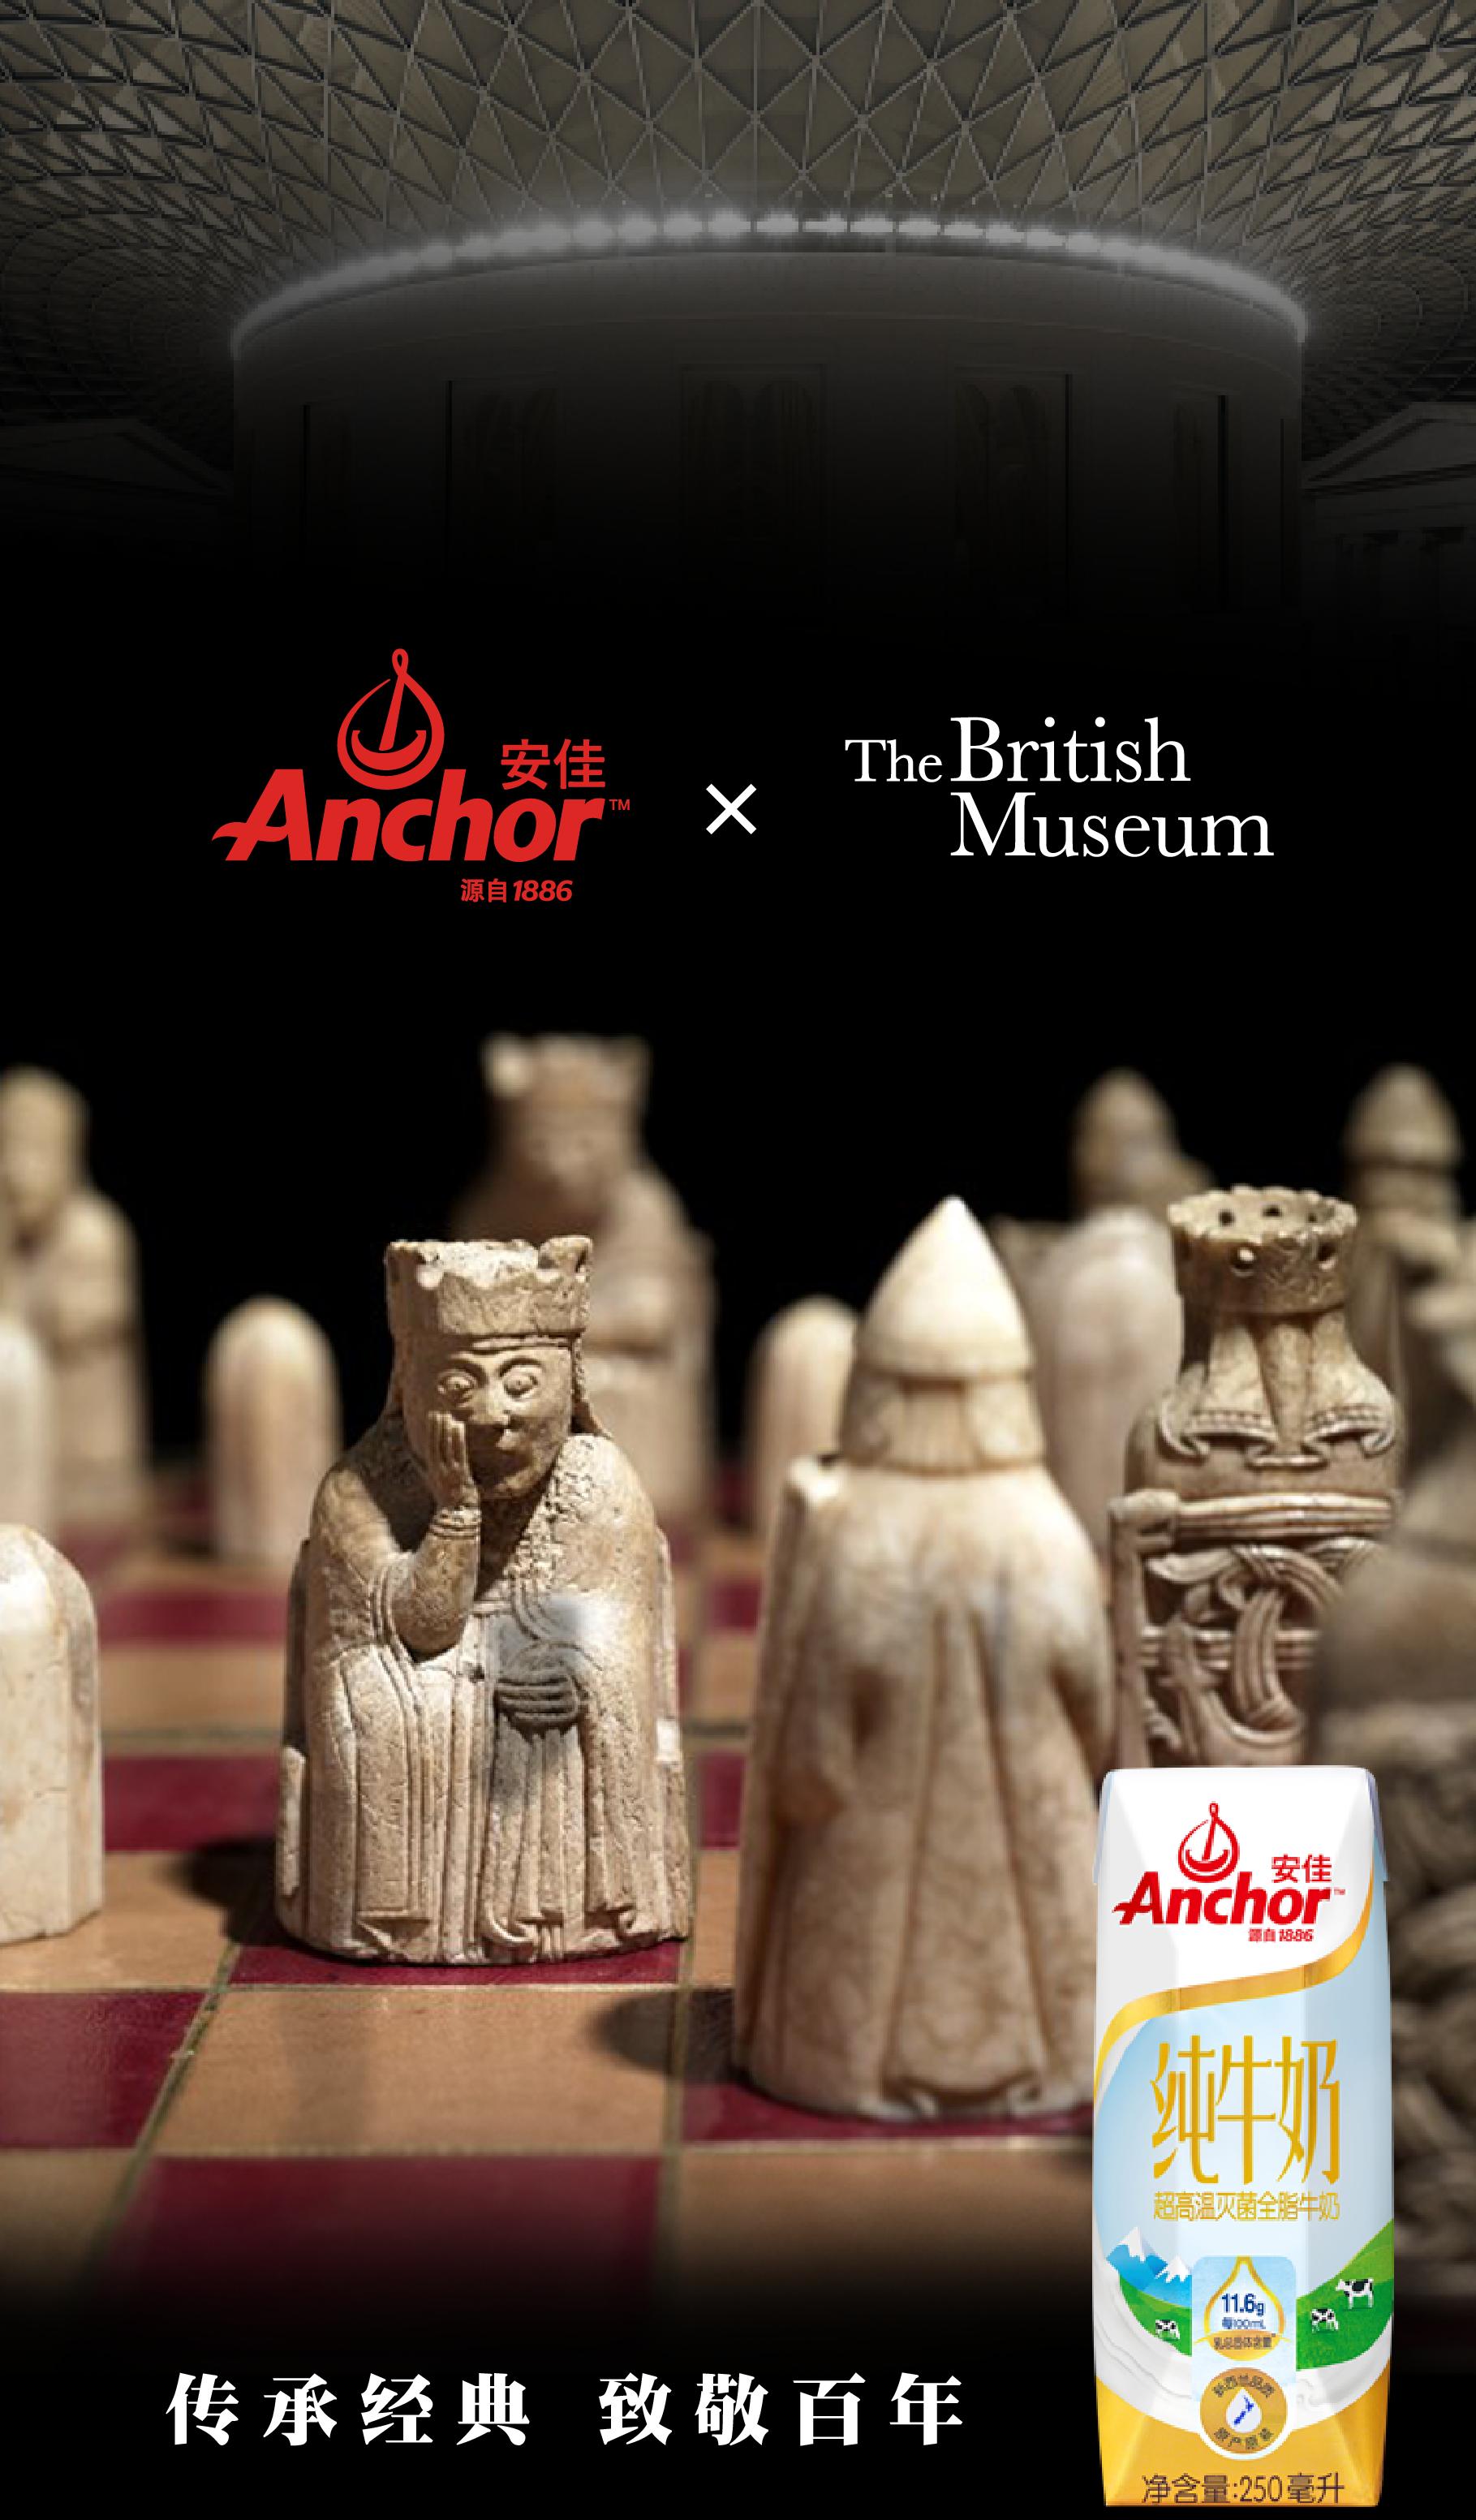 恒天然安佳成为大英博物馆全球首个合作的液态奶品牌